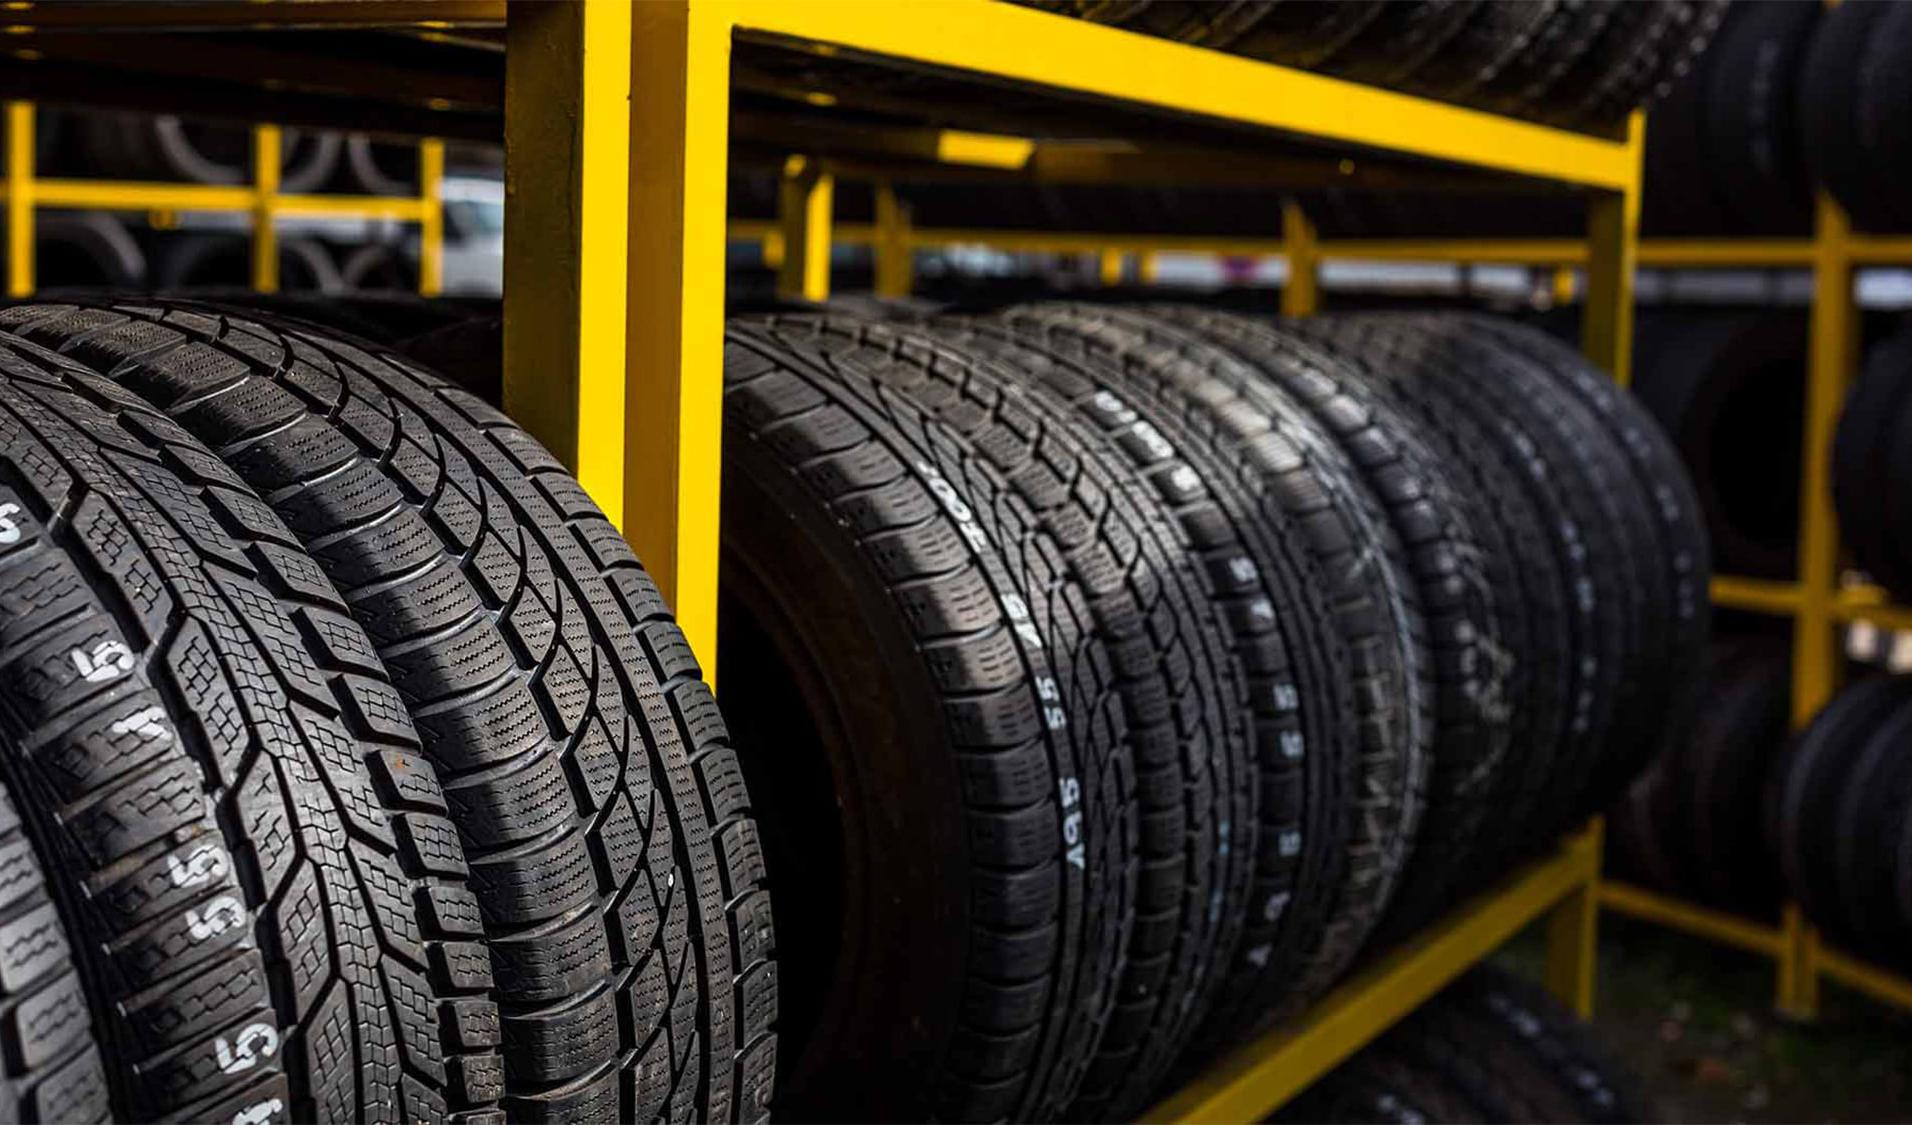 برخورد قاطع با هرگونه تخلف در زمینه تامین و توزیع تایر/ لزوم رصد مستمر بازار لاستیک خودرو